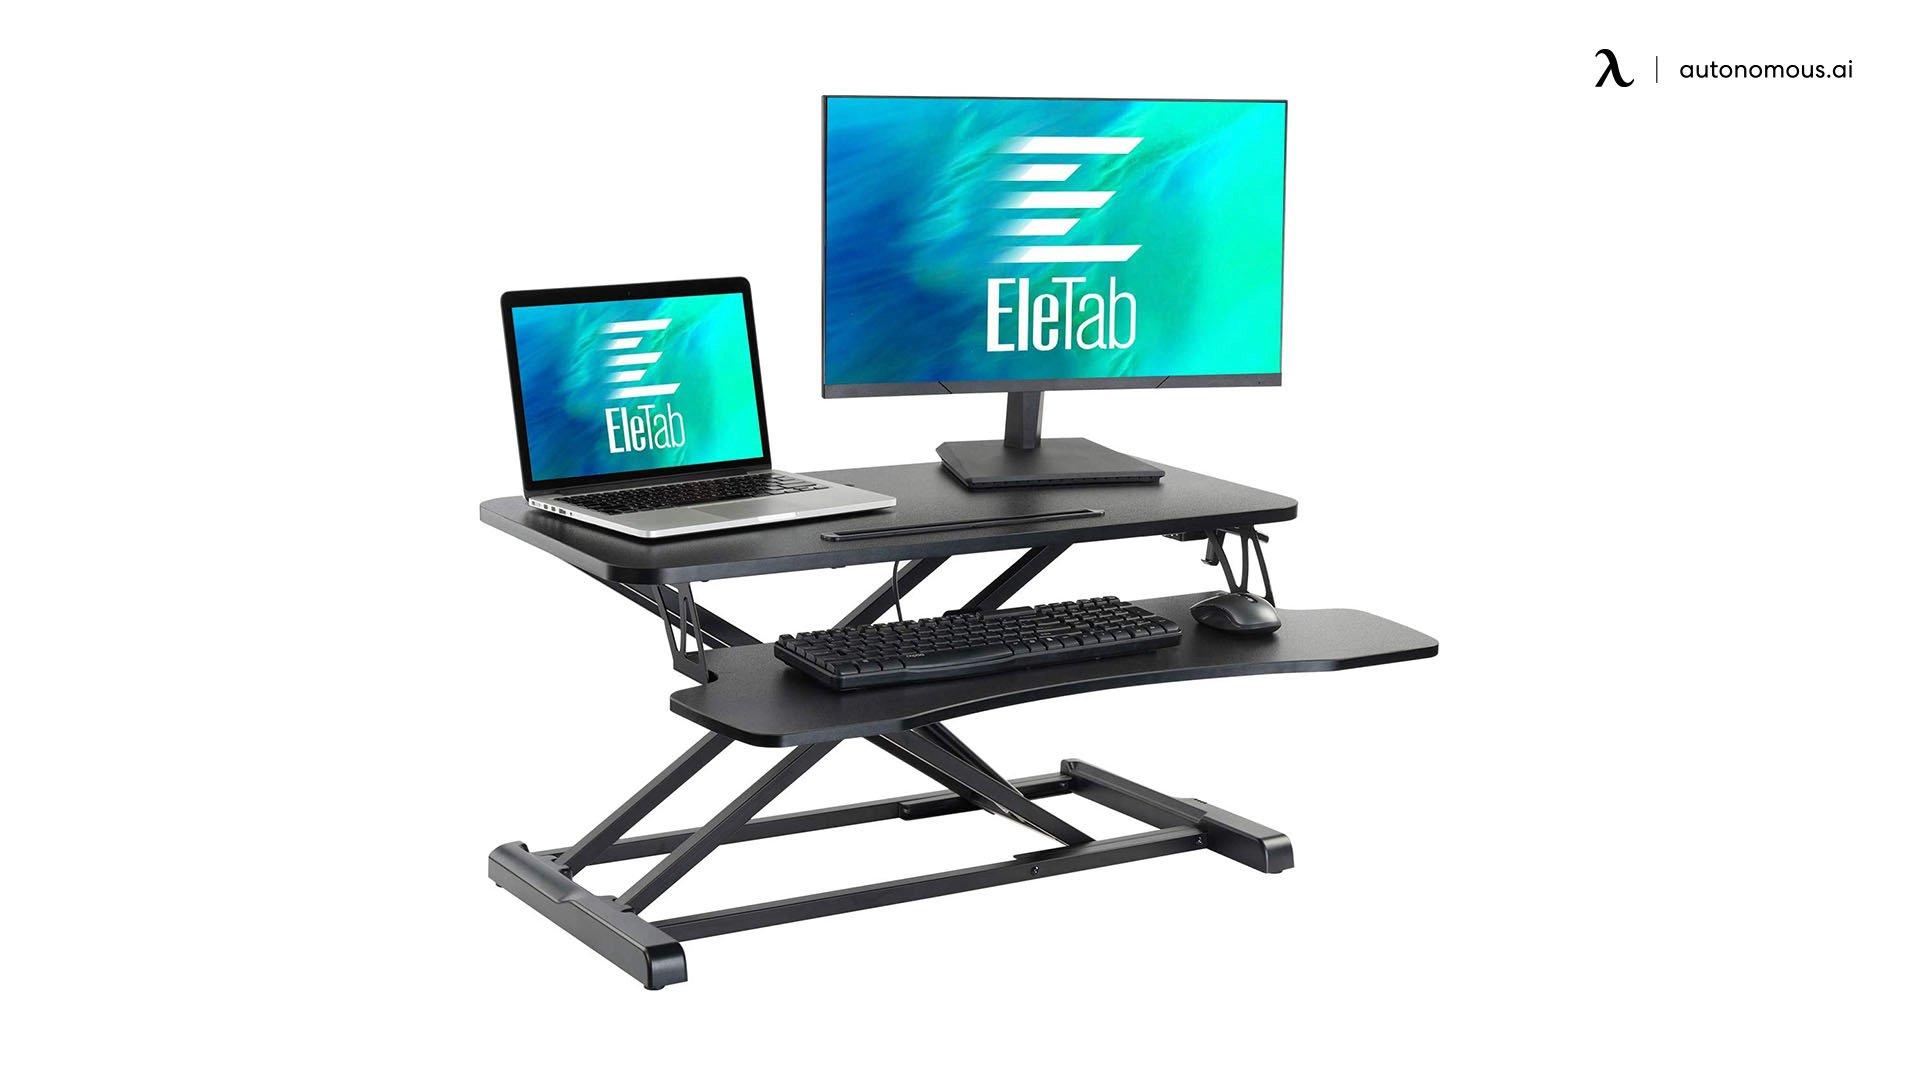 EleTab Affordable Standing Desk Under $500